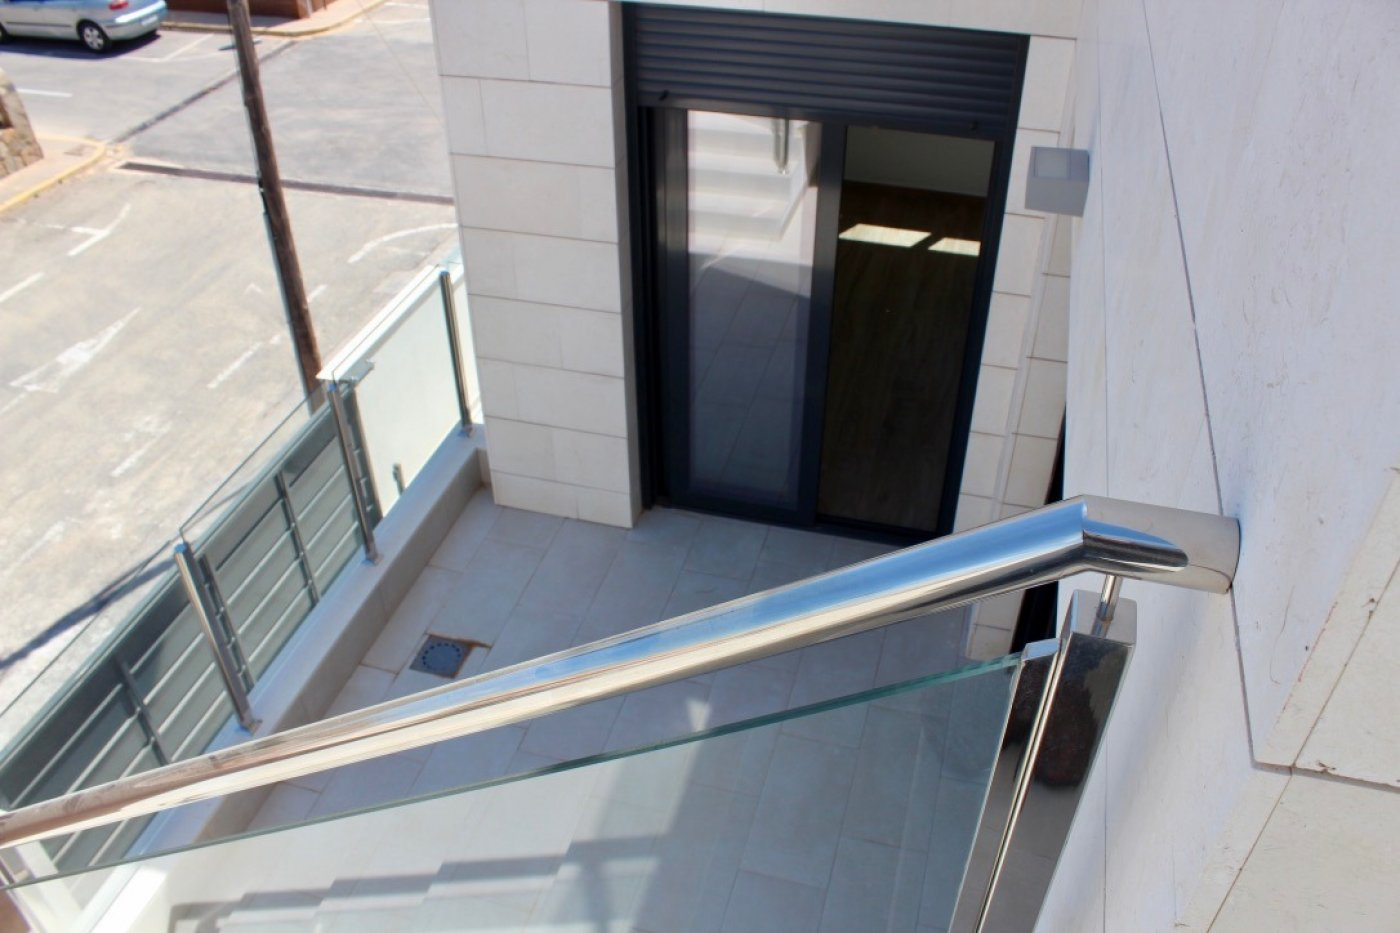 Gallery Image 18 of Nuevo apartamento listo en la planta superior de 2 dormitorios a solo 2 minutos a pie de las playas,